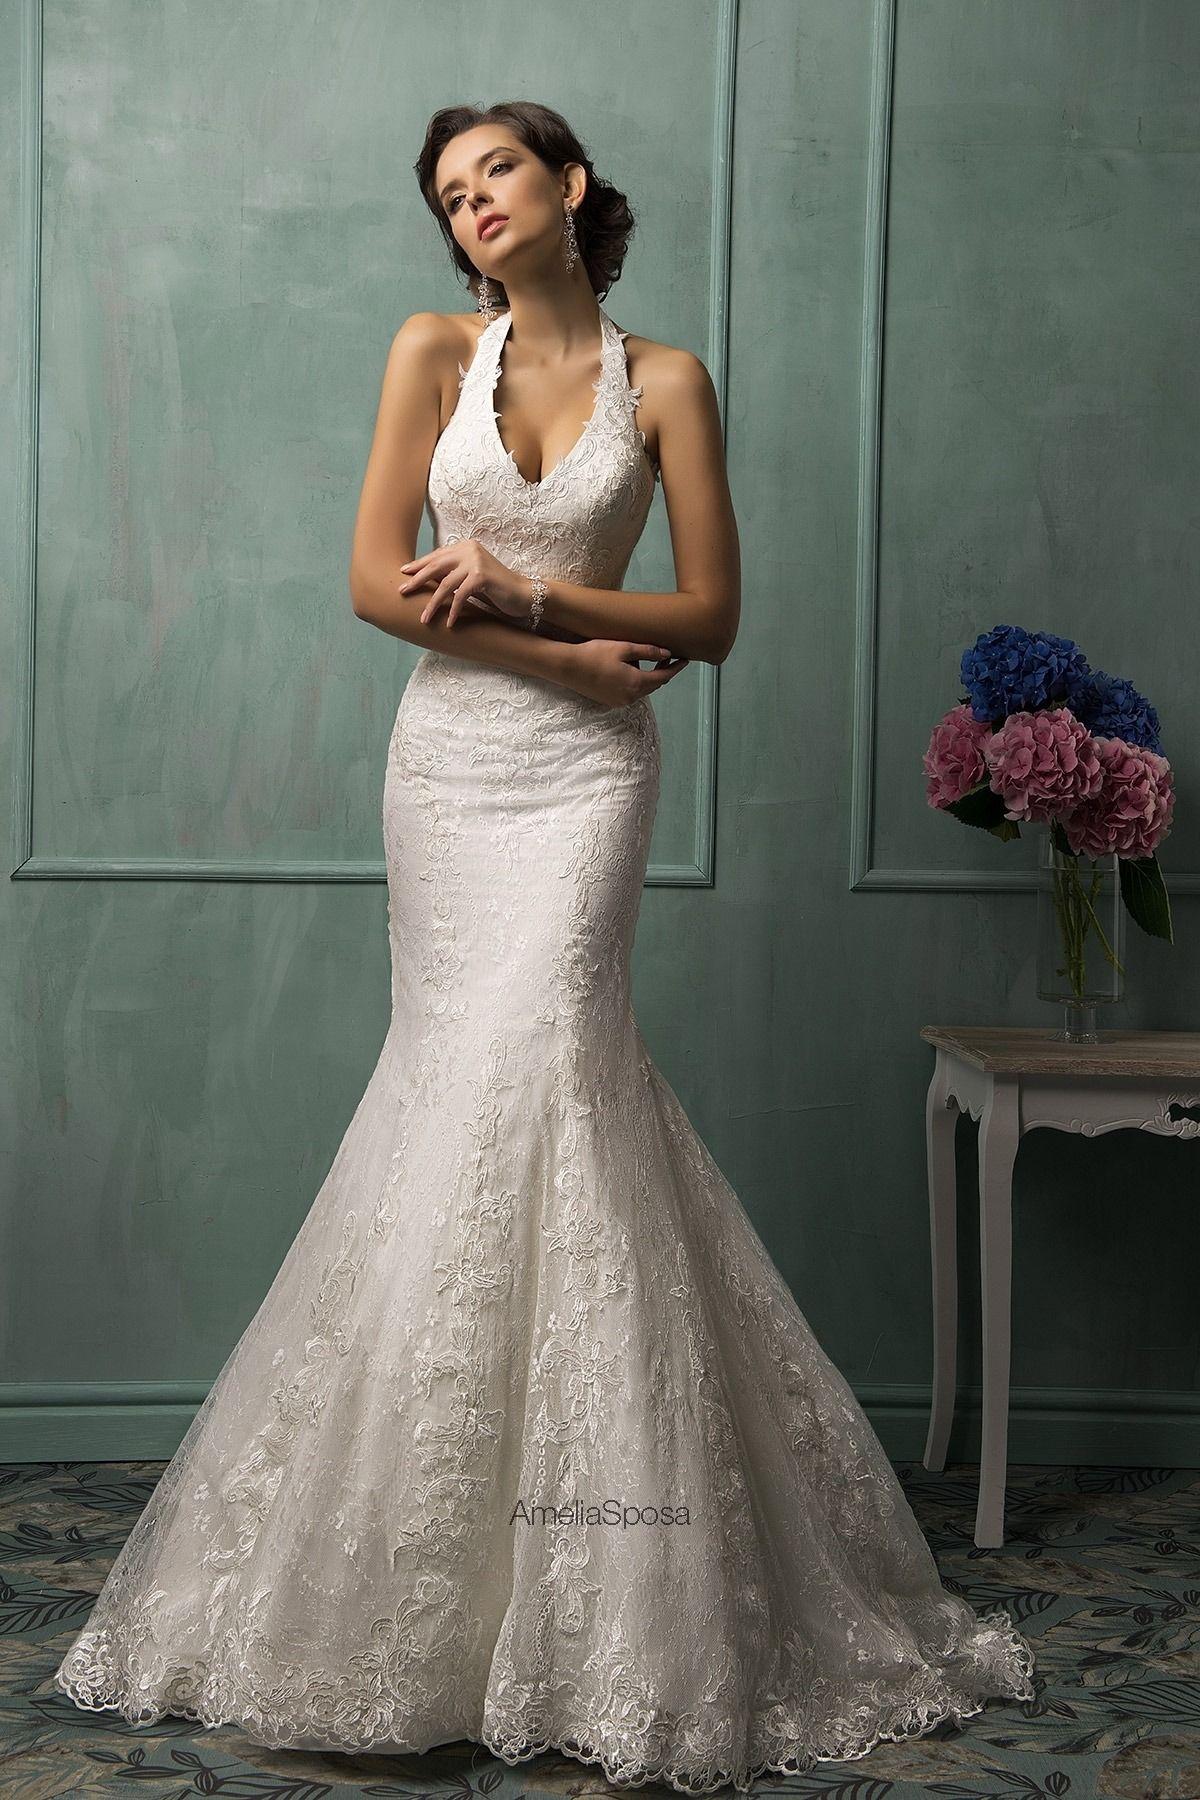 Katie Marie Weddings Halter top wedding dress, Amelia